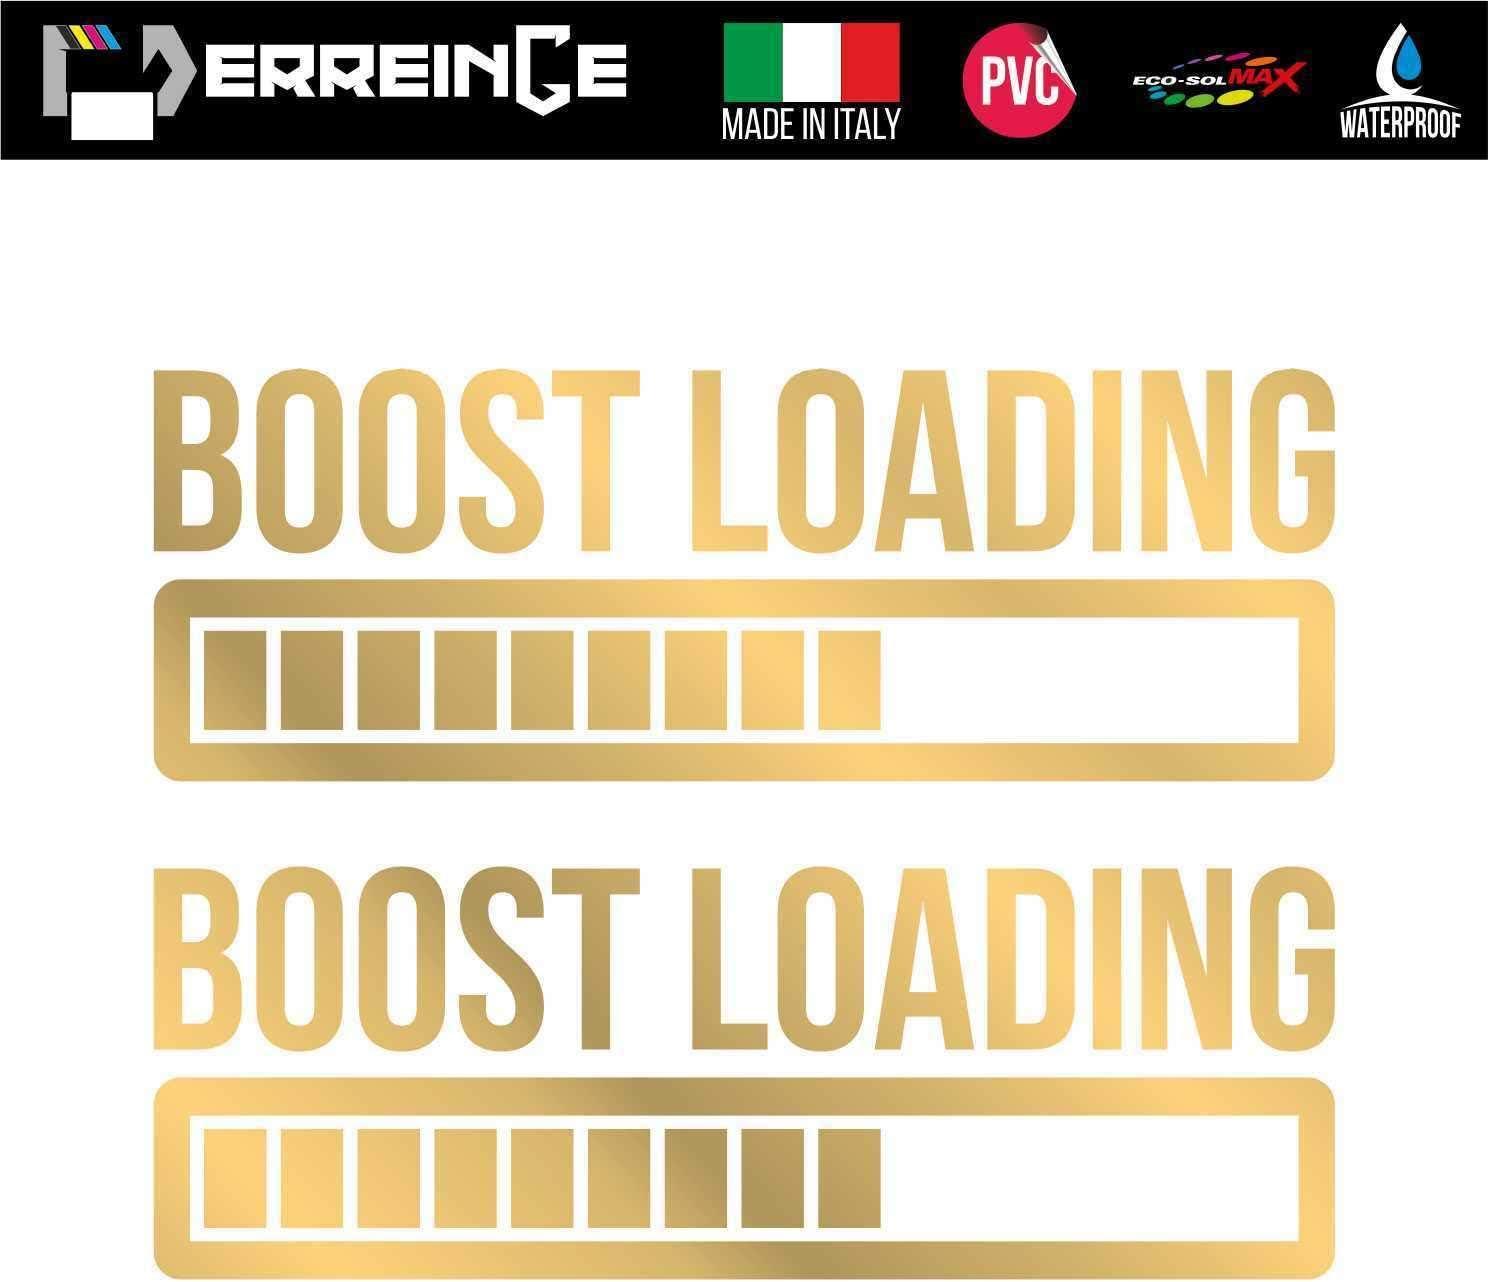 Boost Loading JDM DUB Tuning Racing ERREINGE x2 STICKER PRESPAZIATO ARANCIO FLUO 12cm Adesivo Decal Decalcolmania Vinile Murale Laptop Auto Moto Casco Camper